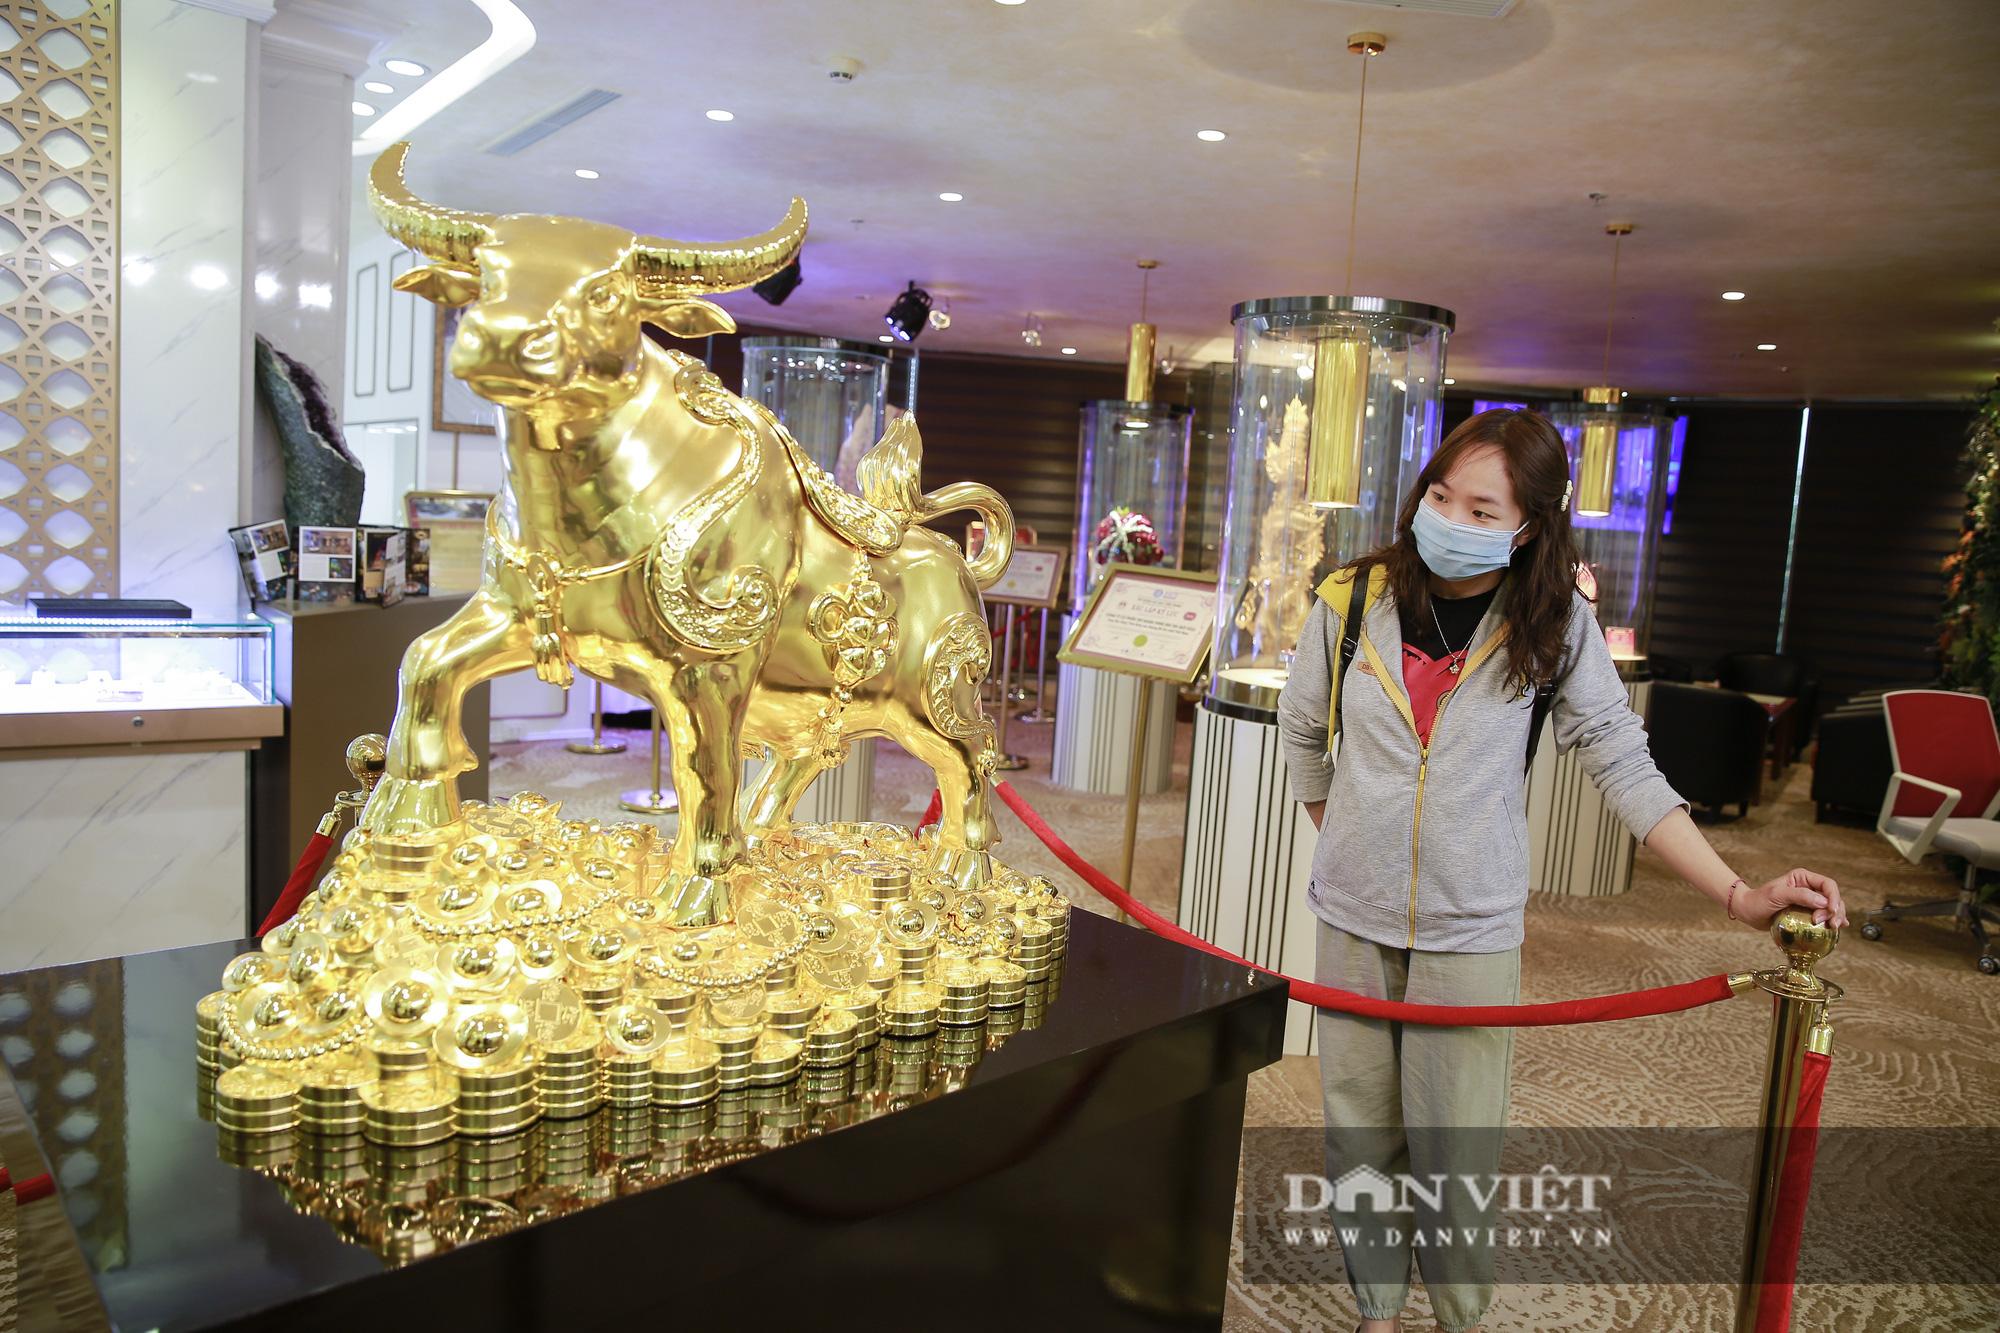 """Chiêm ngưỡng """"Kim Ngưu Vương Bảo"""" đúc từ 530 cây vàng trị giá 38 tỷ đồng - Ảnh 1."""